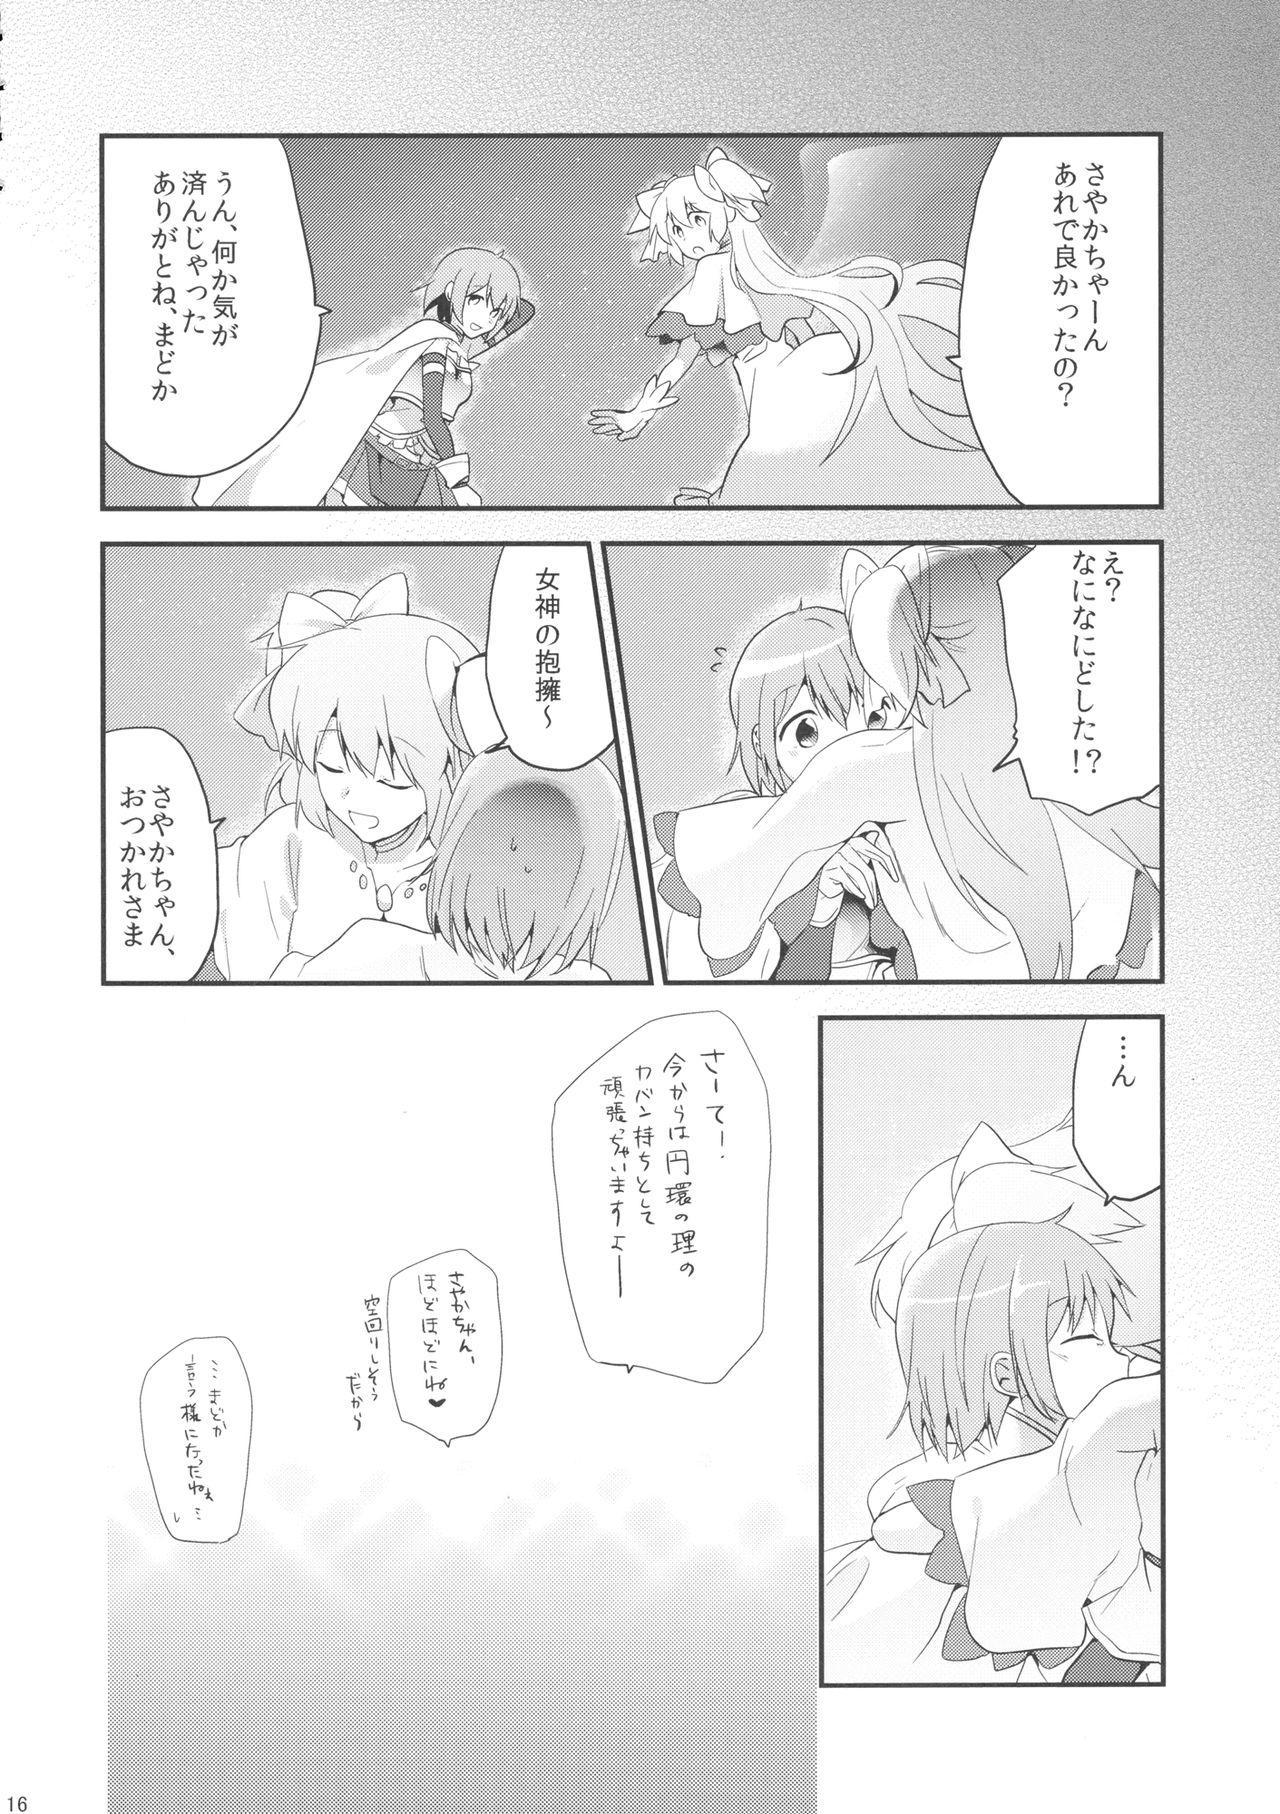 if Kanzenban 14